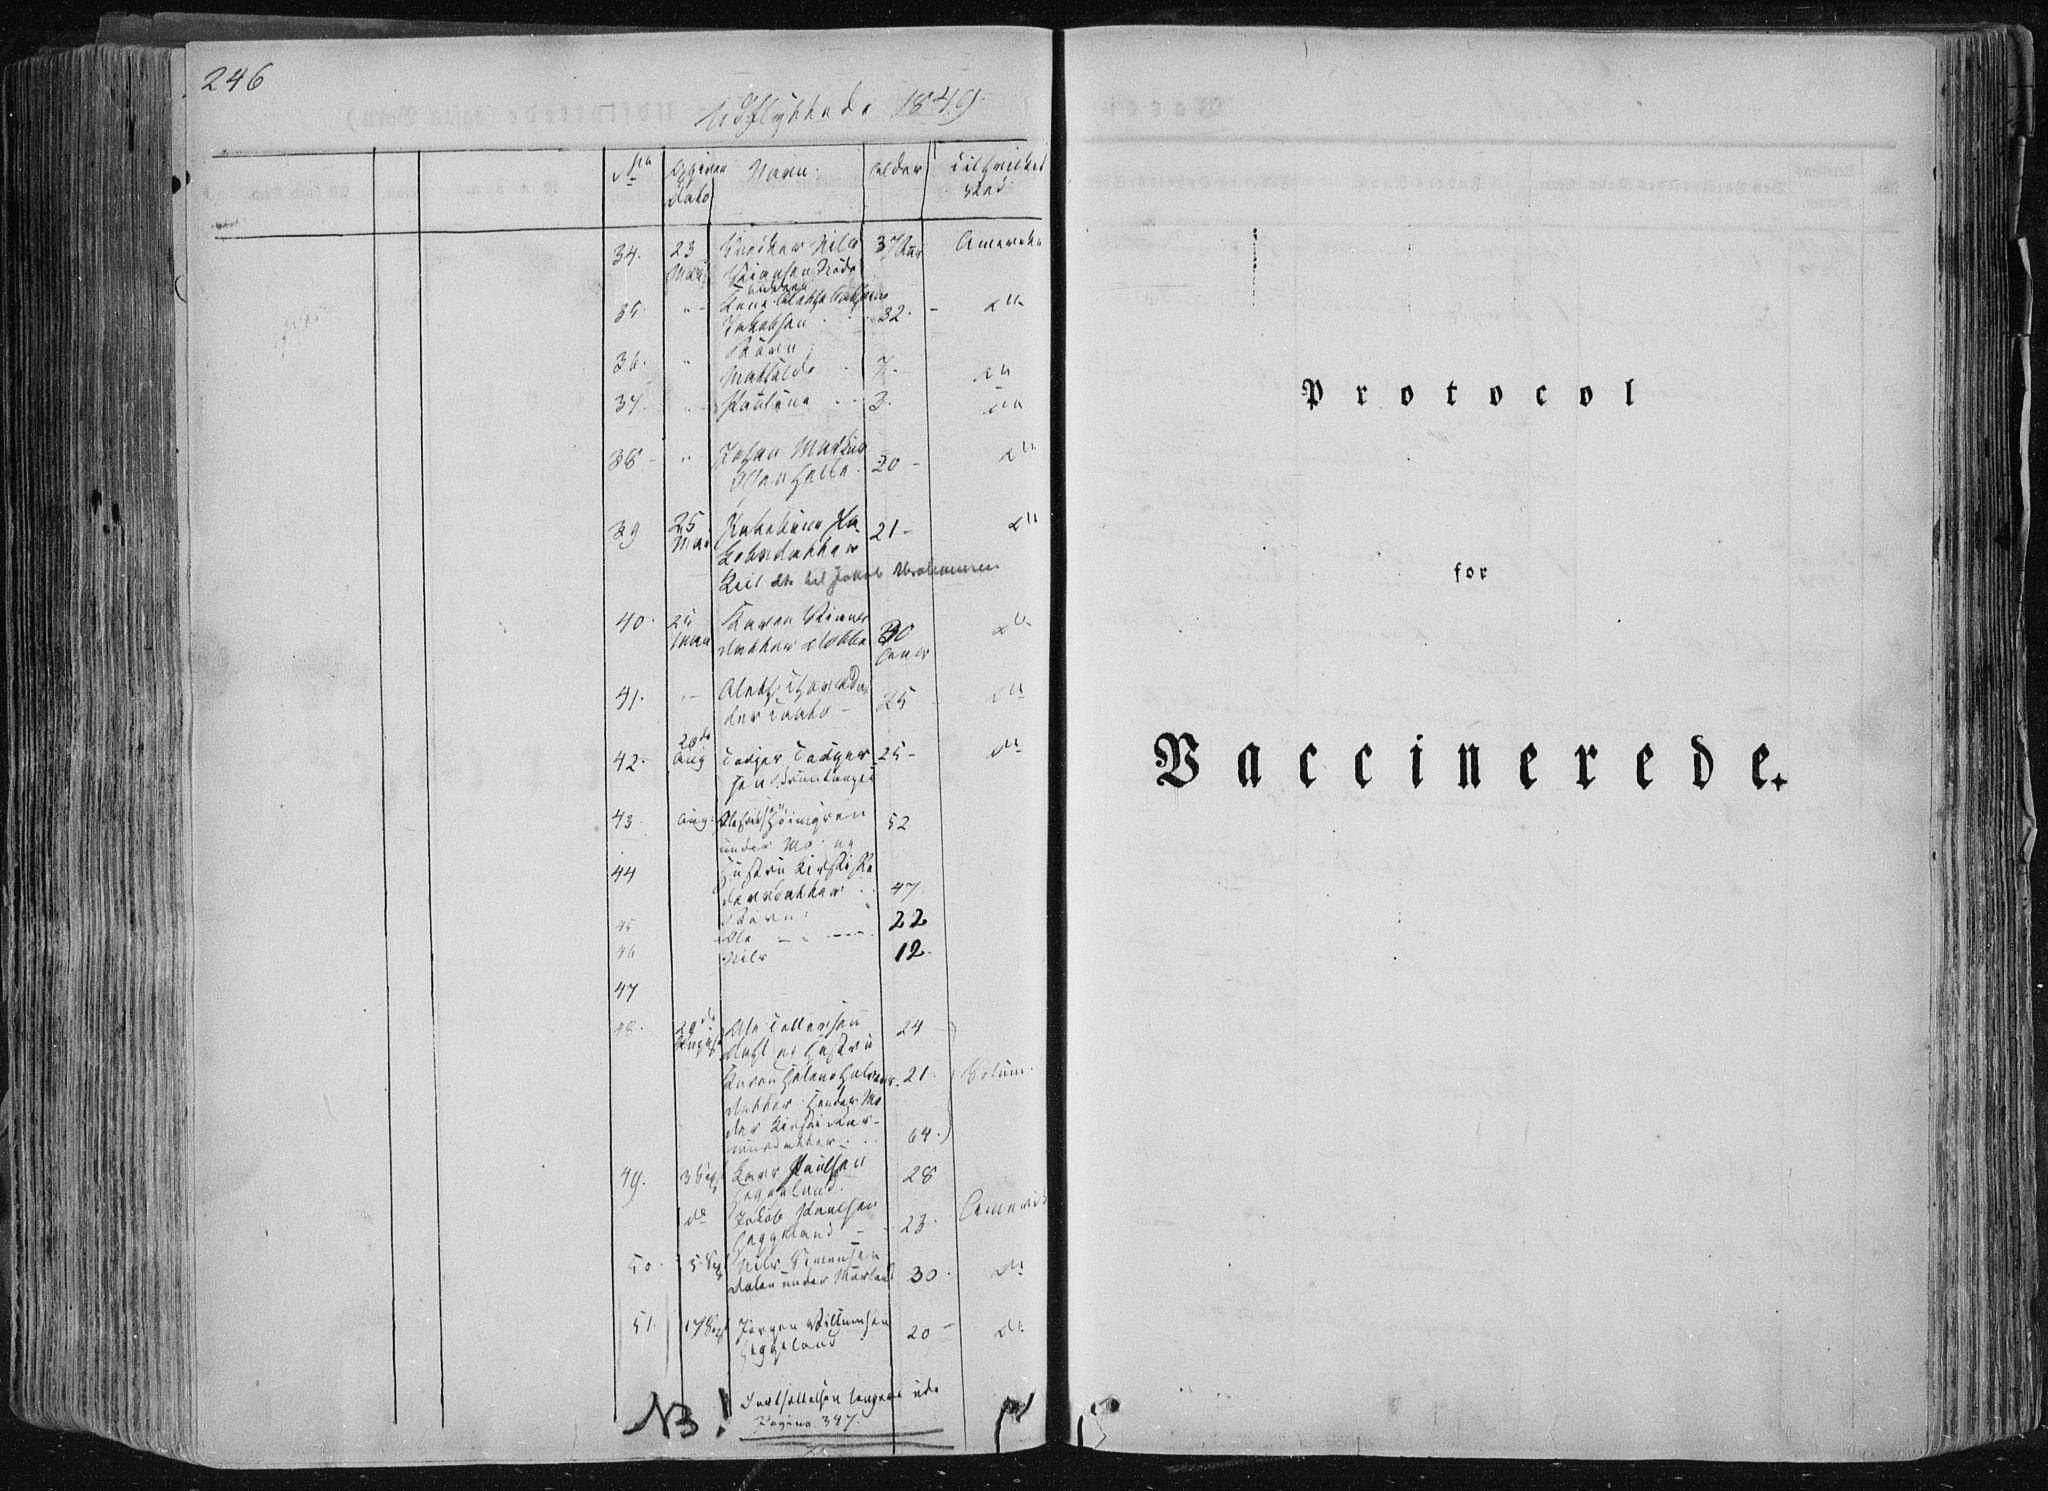 SAKO, Sannidal kirkebøker, F/Fa/L0007: Ministerialbok nr. 7, 1831-1854, s. 246